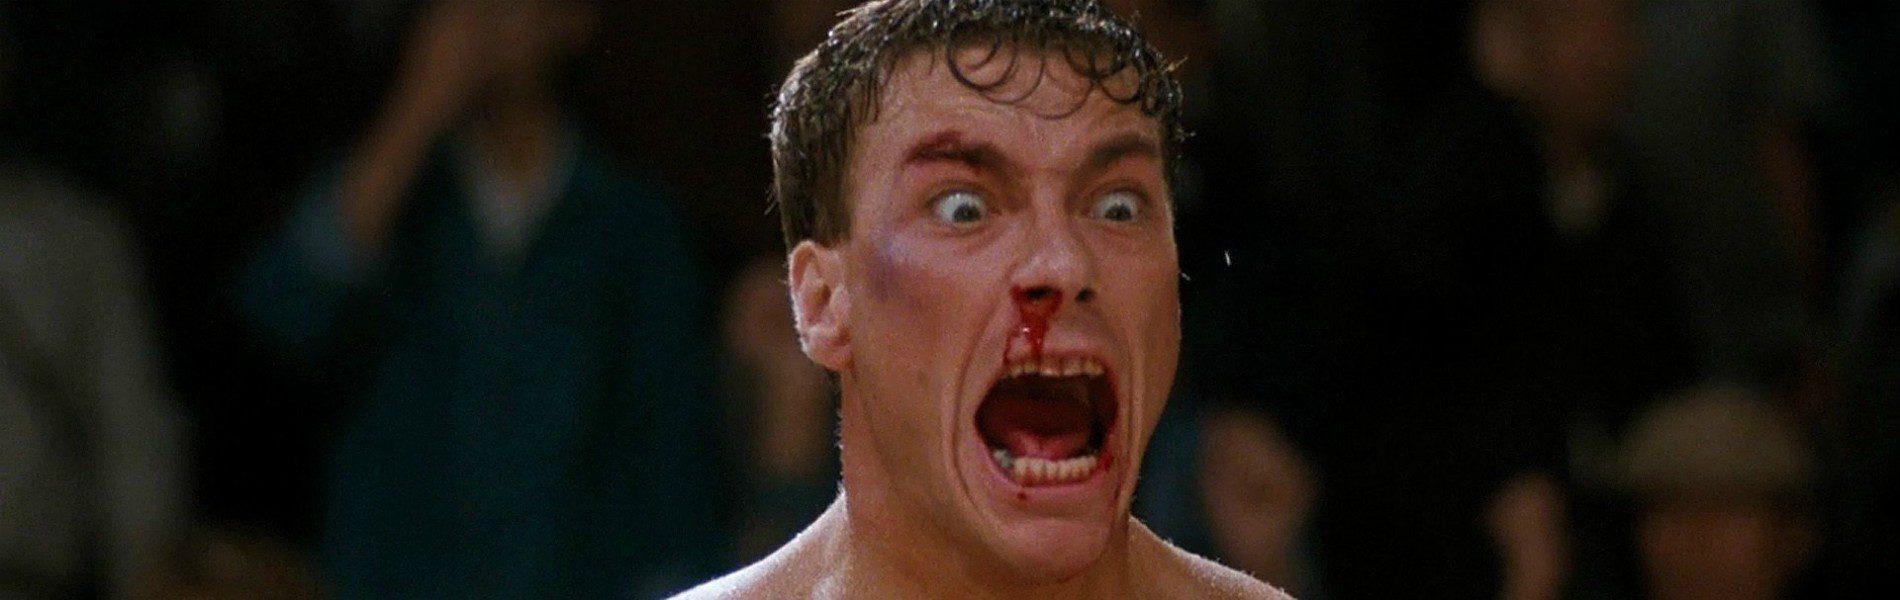 Van Damme durván kiborult, félbehagyta az interjút